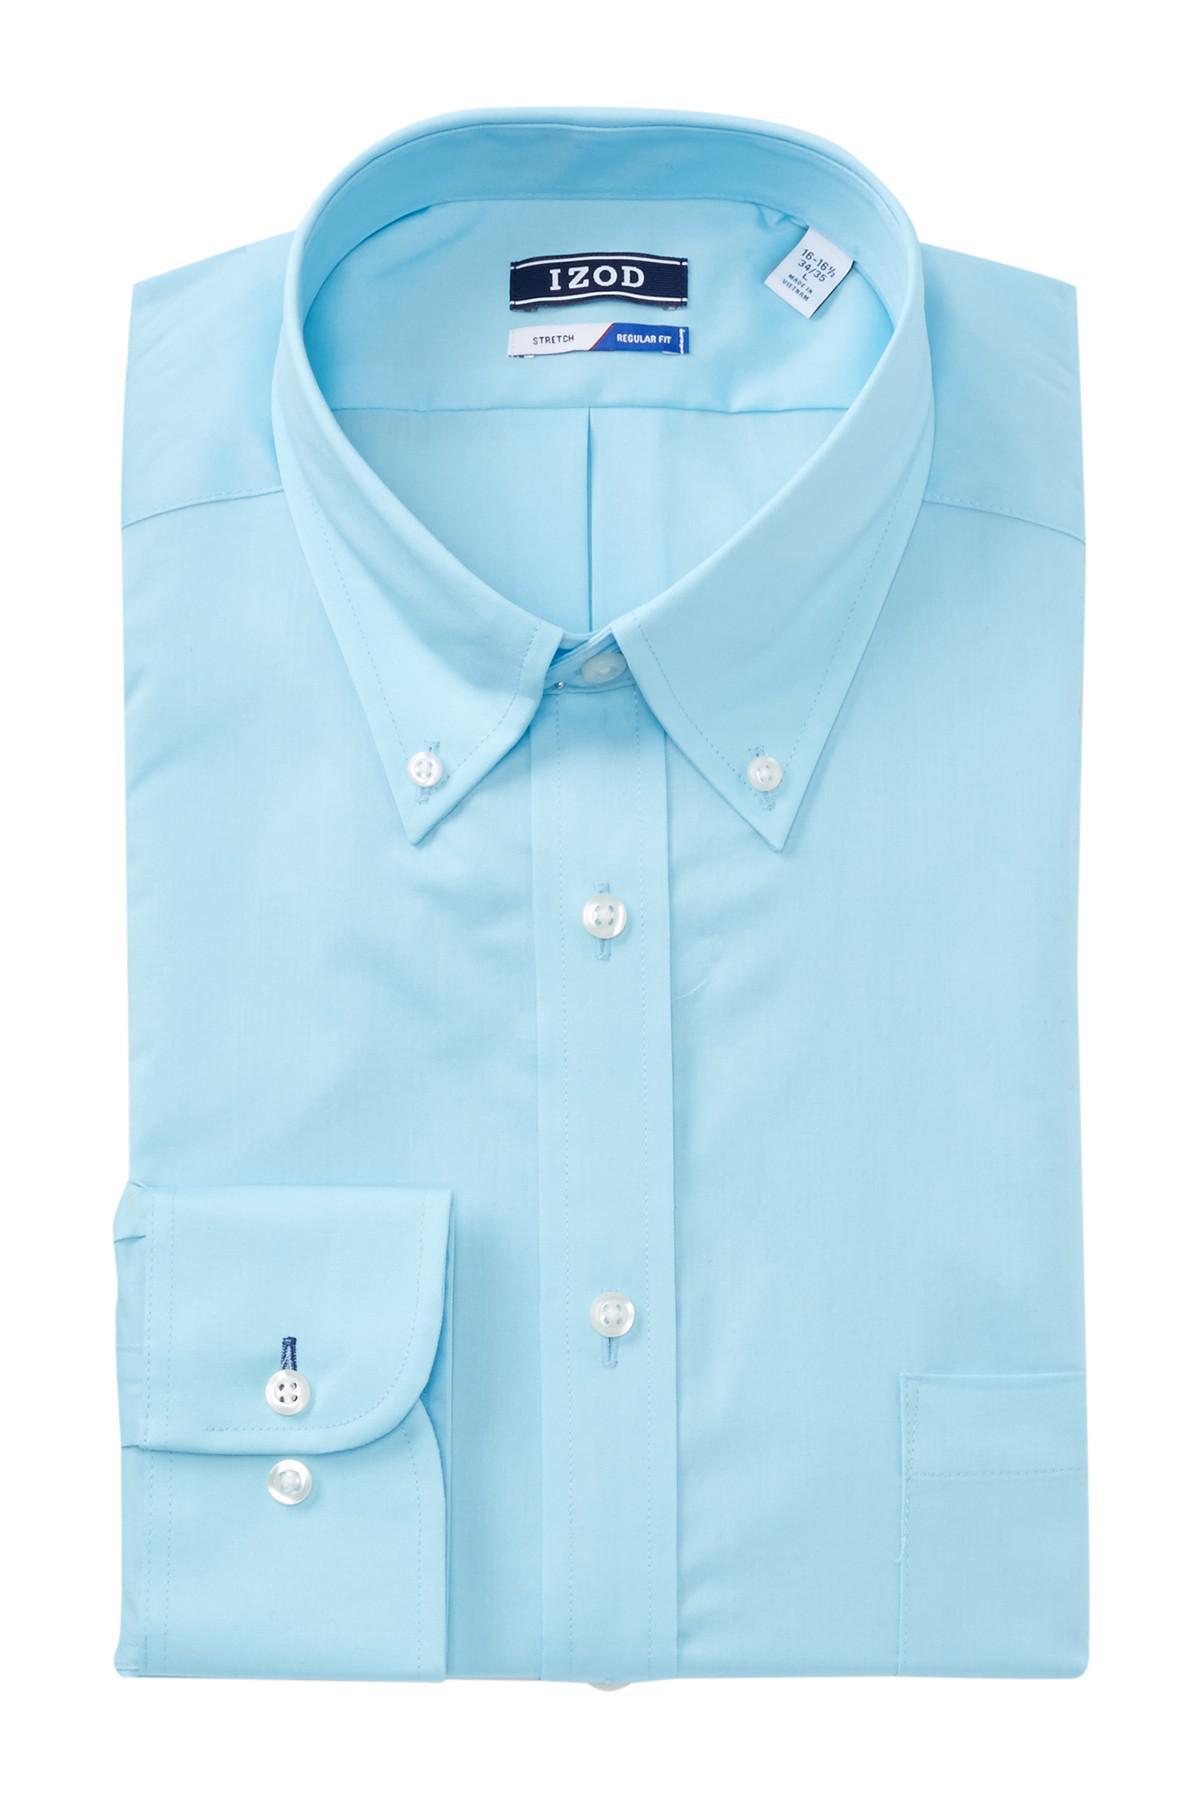 Lyst izod solid twill regular fit dress shirt in blue for Regular fit dress shirt